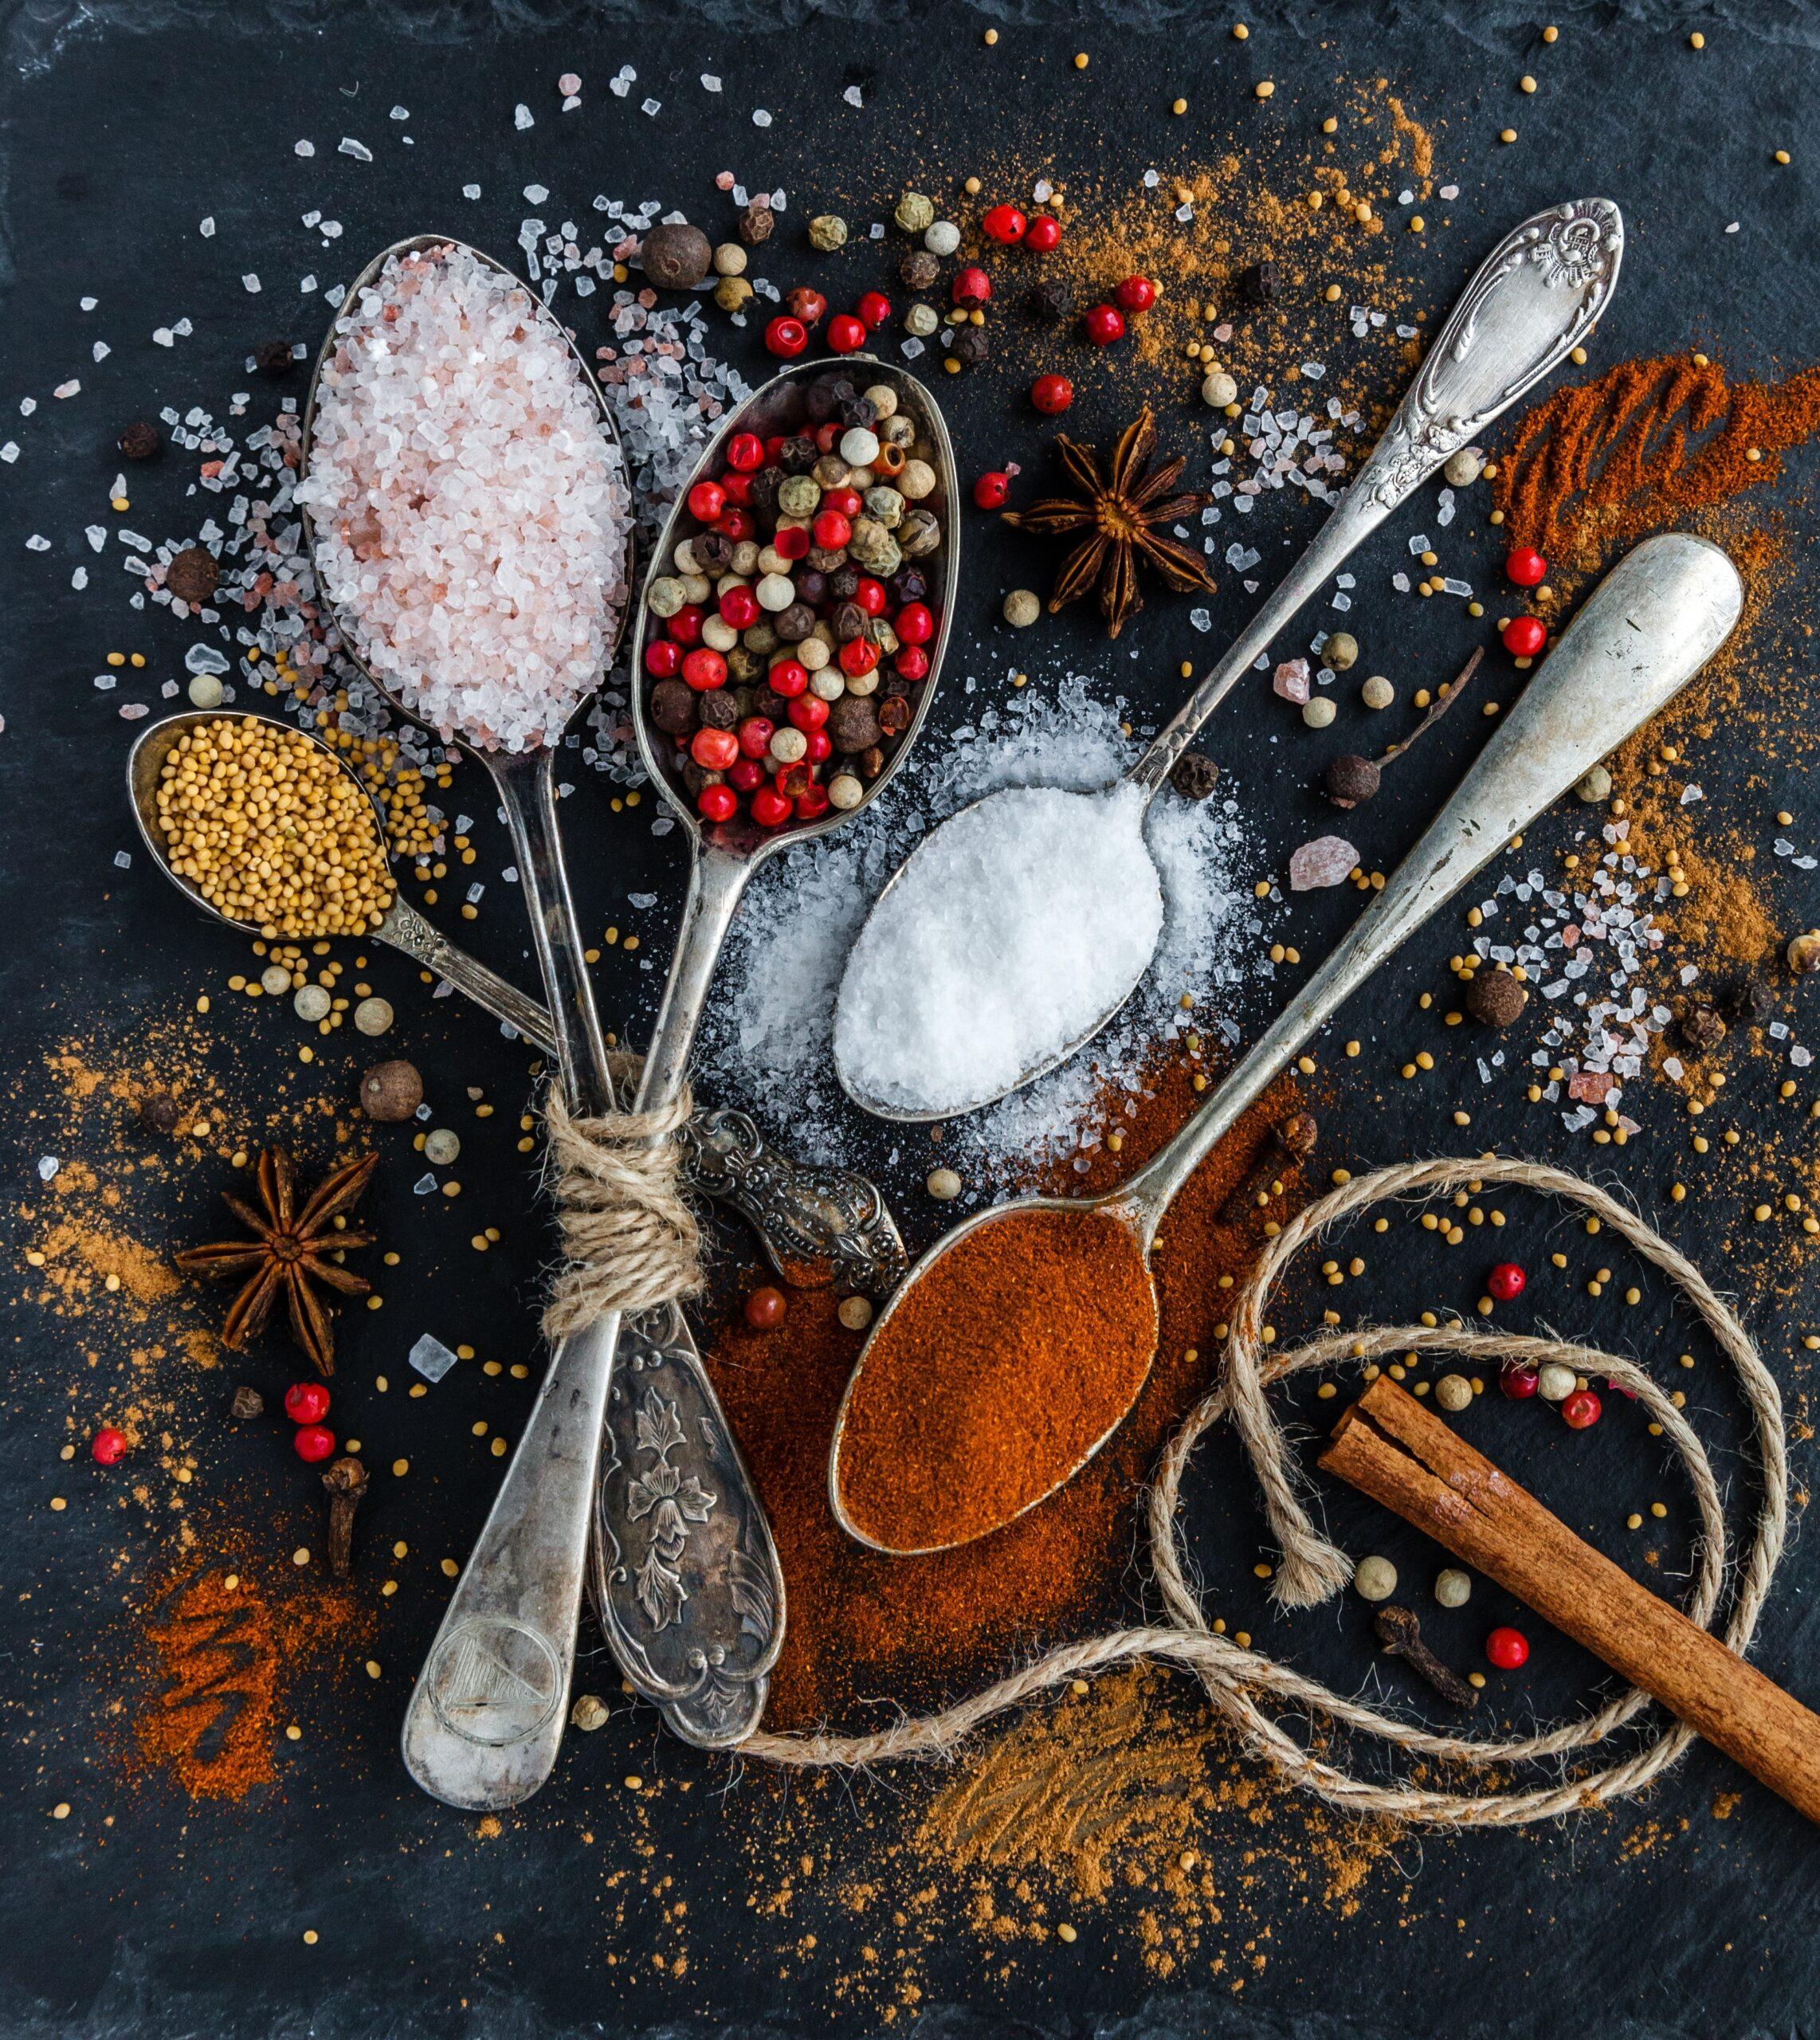 Skab fantastiske retter i køkkenet med Madras karry eller paprika krydderier